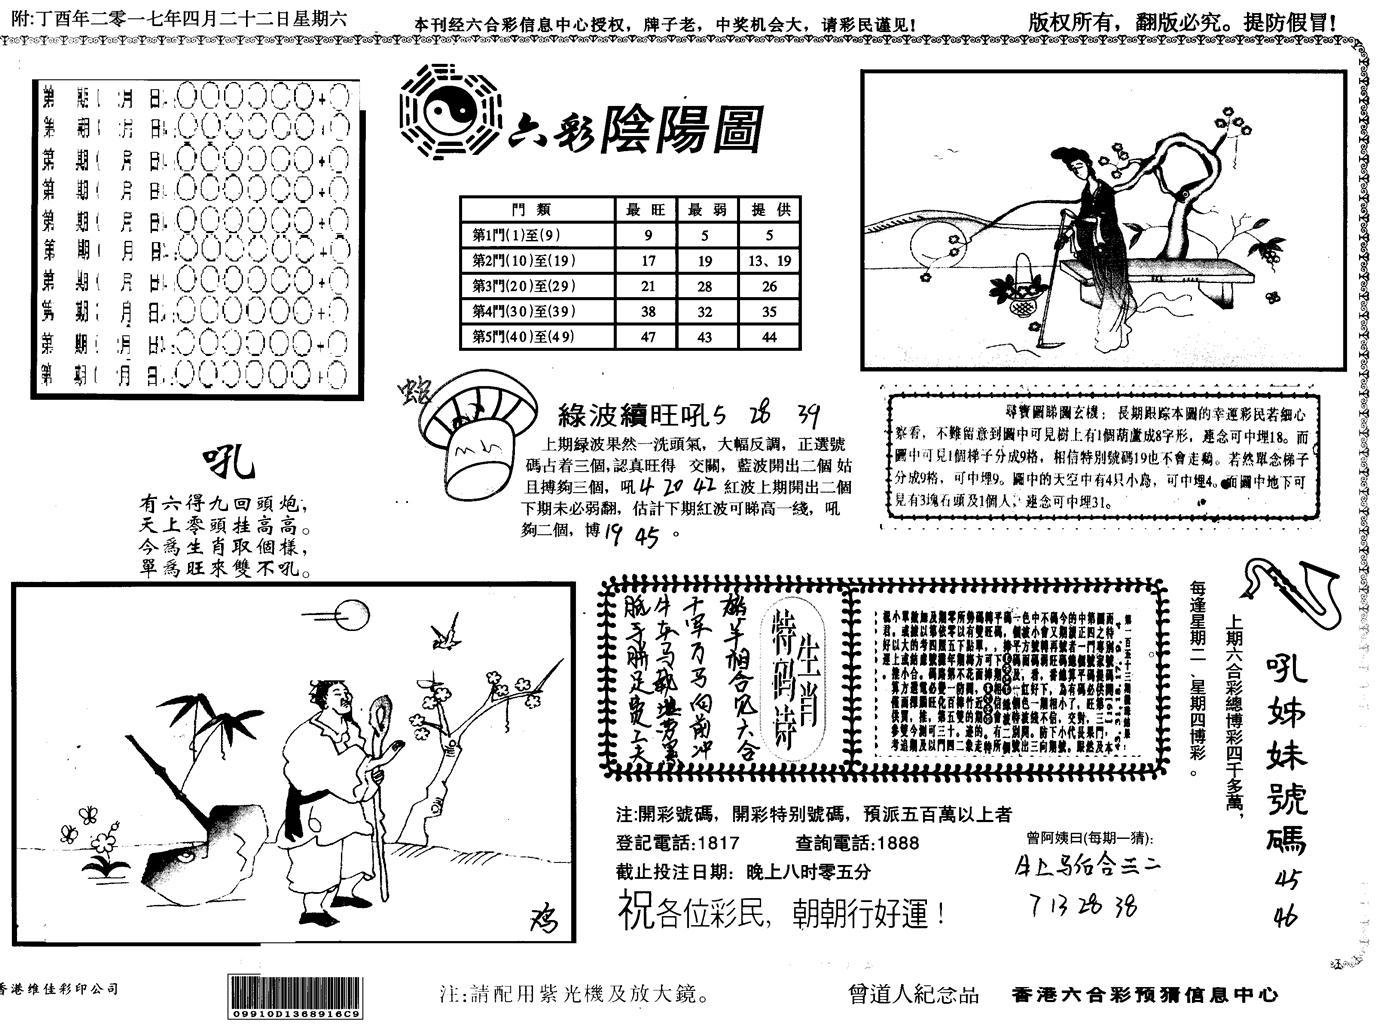 046期另版六彩阴阳(黑白)